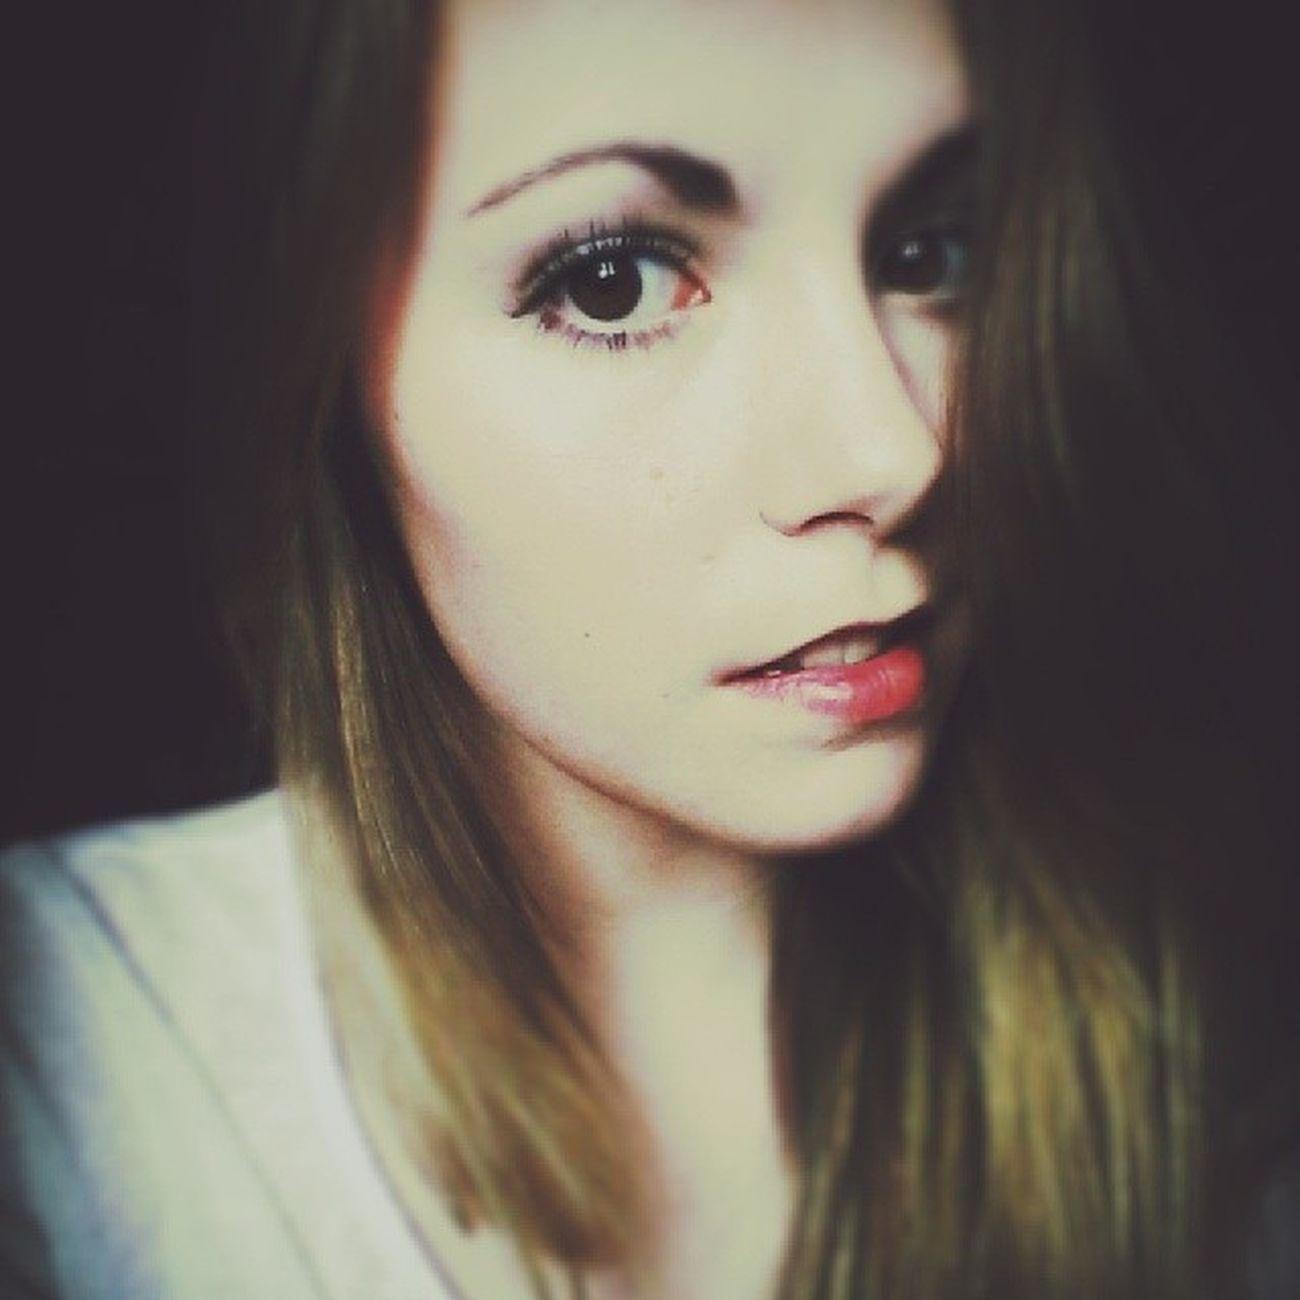 Sans toi le temps est long, sans toi a mes côtés, je perd patience. ♥ Selfie Retrica Today Redlips Lipstick Eyelashes Muotd 💄